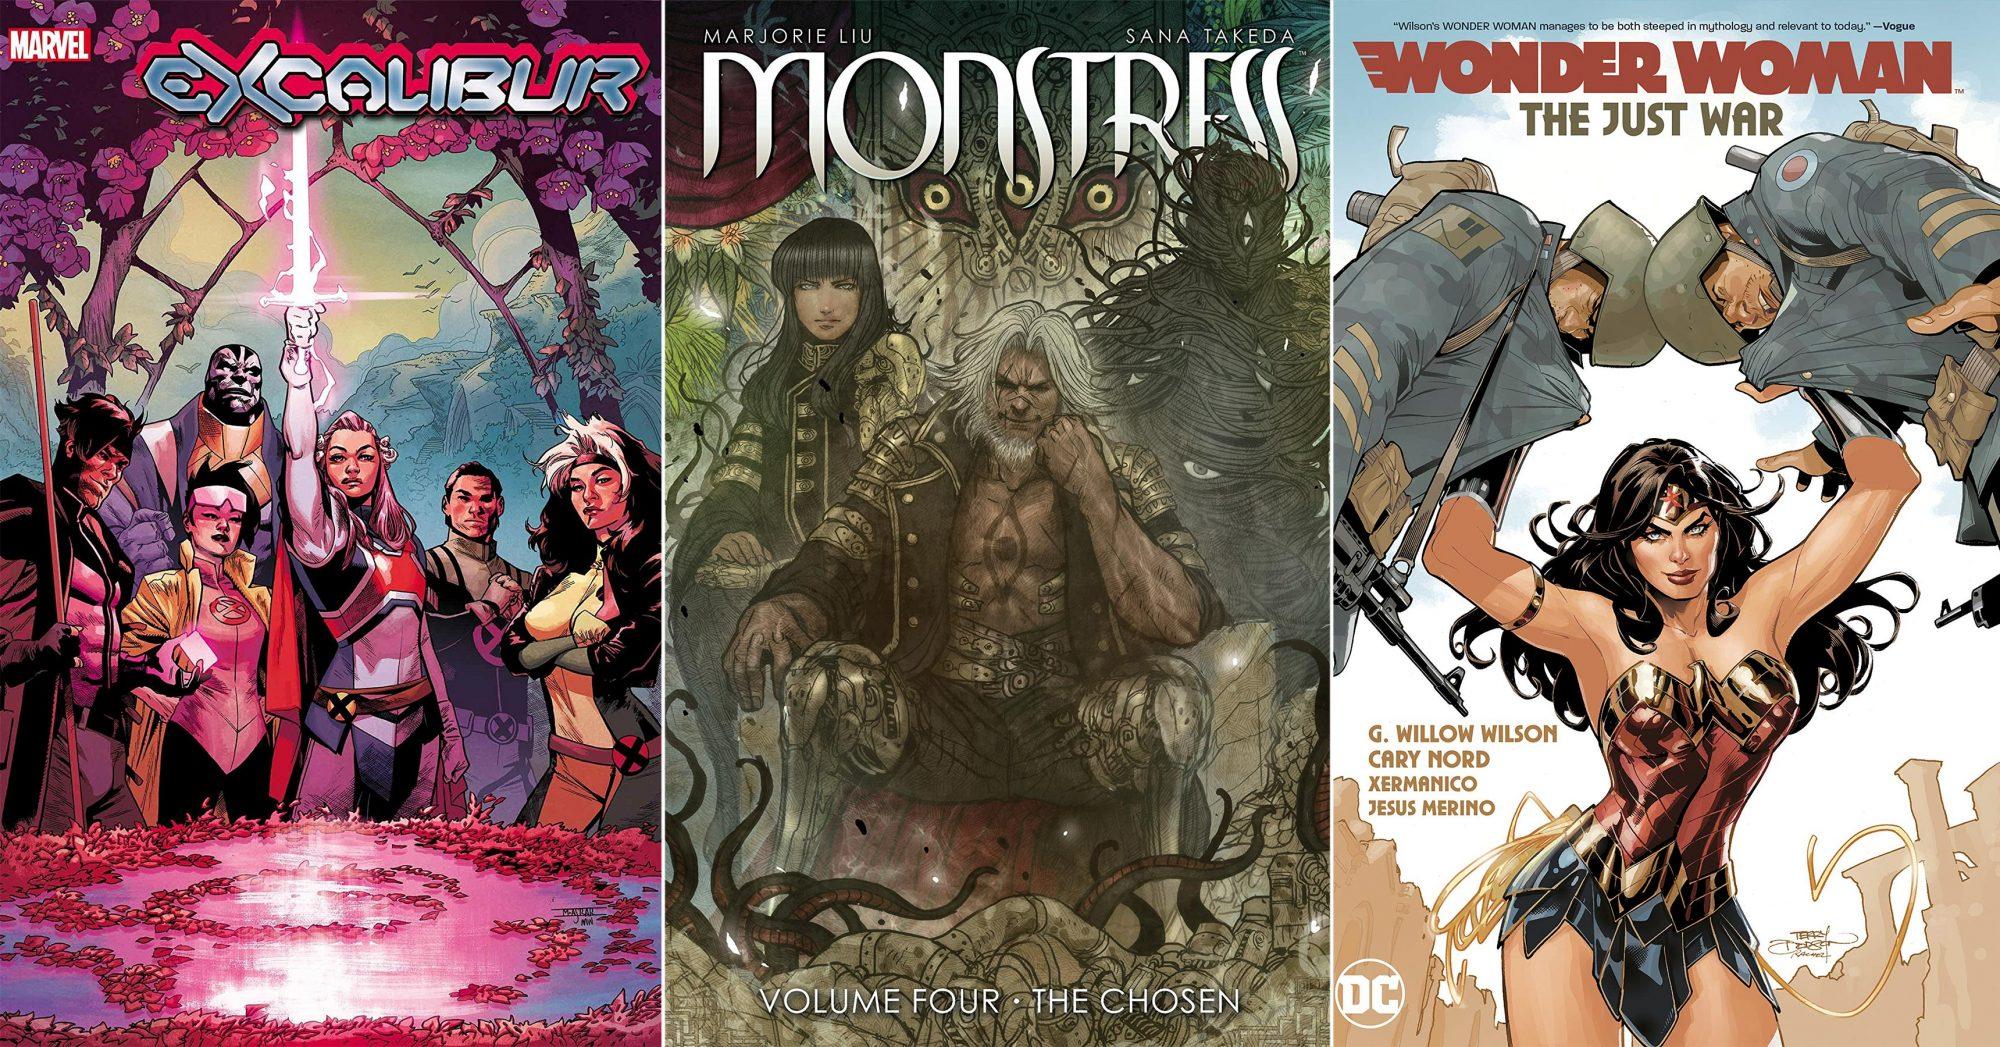 October Comics tout Excalibur, Monstress, Wonder Woman